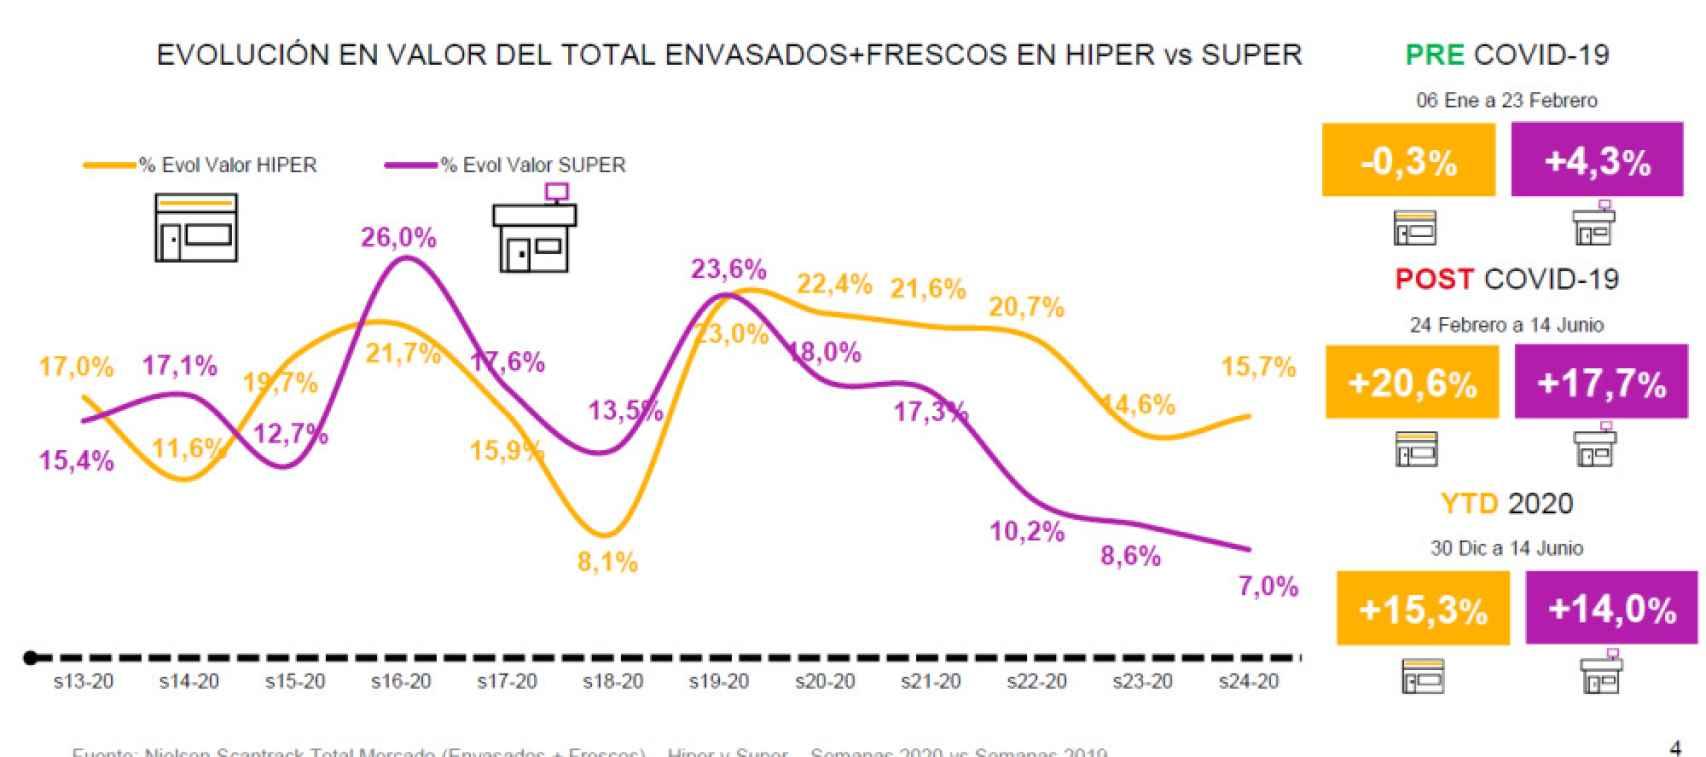 Evolución en valor del total de envasados y frescos en en hiper vs. súper. Fuente: Nielsen.